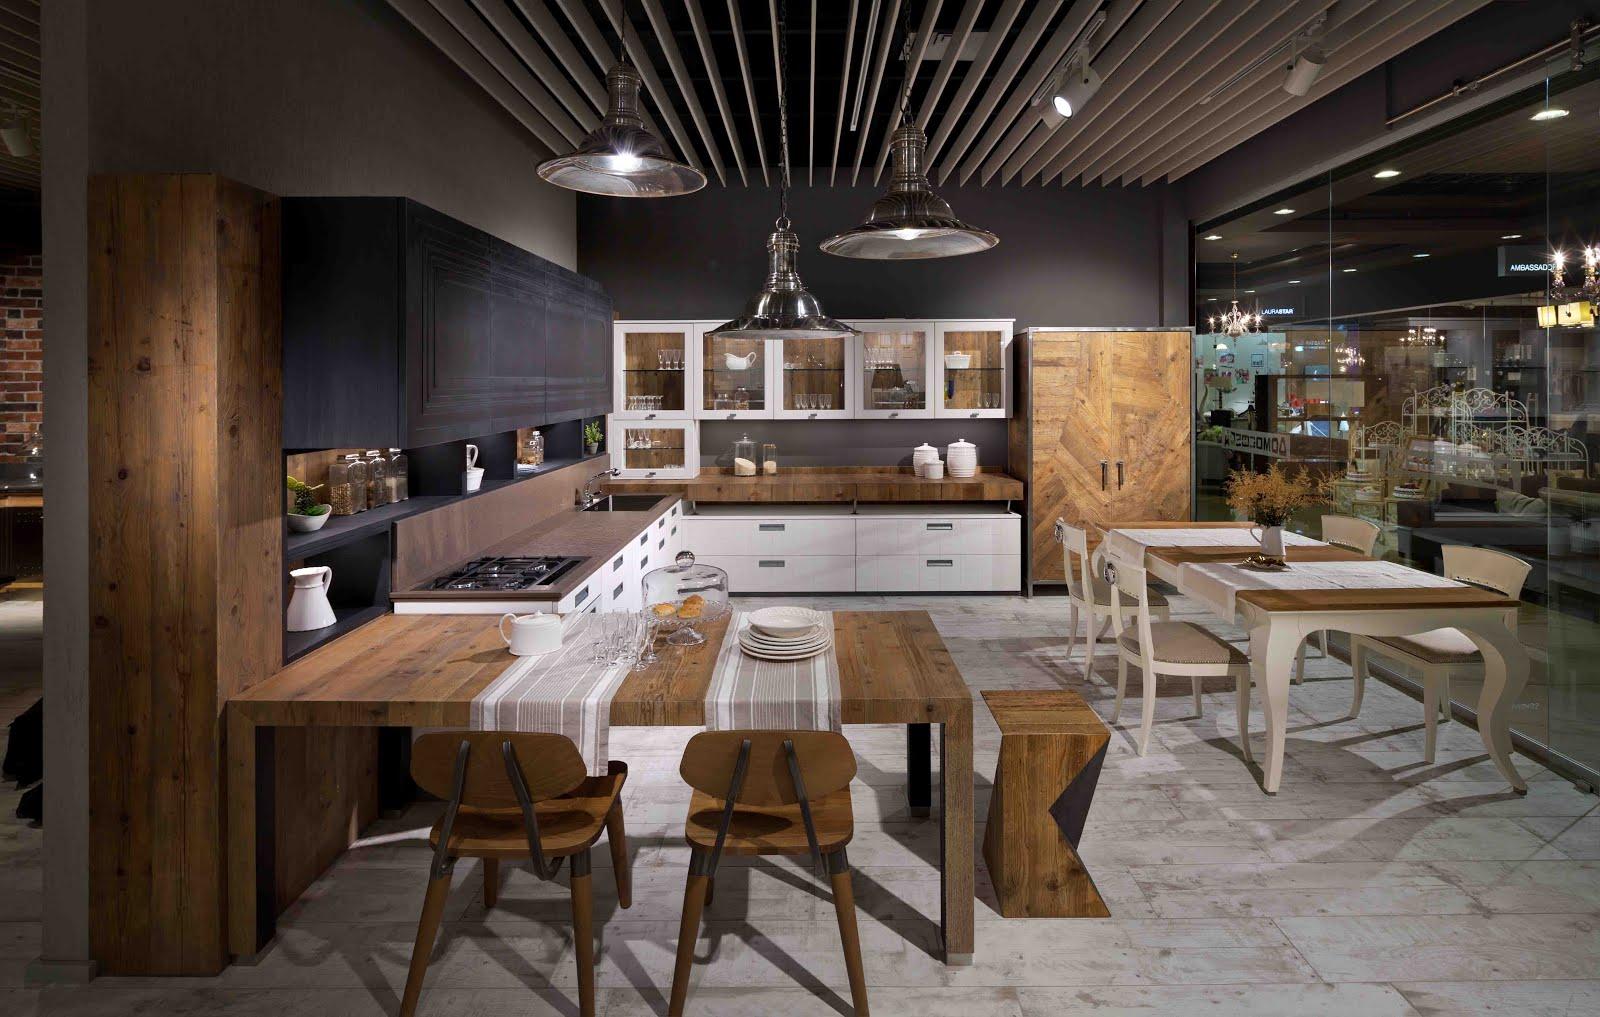 Arredo e design nuova apertura per marchi cucine - Marchi group cucine ...